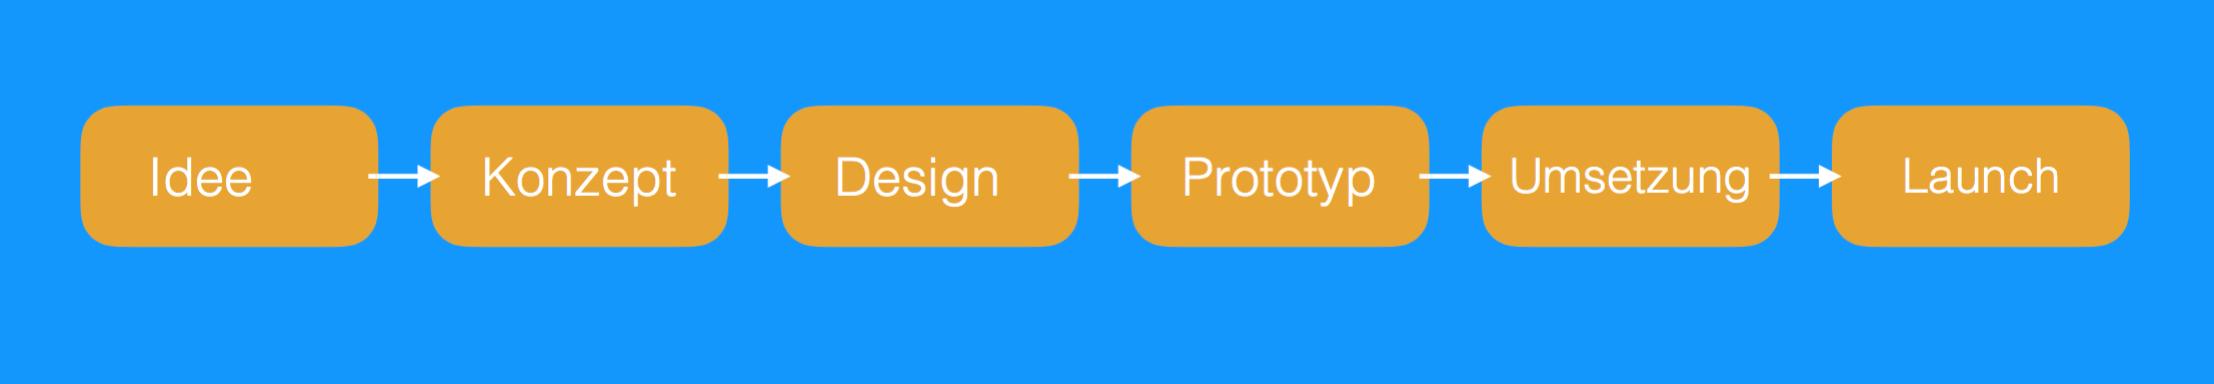 prototyp entwicklungen